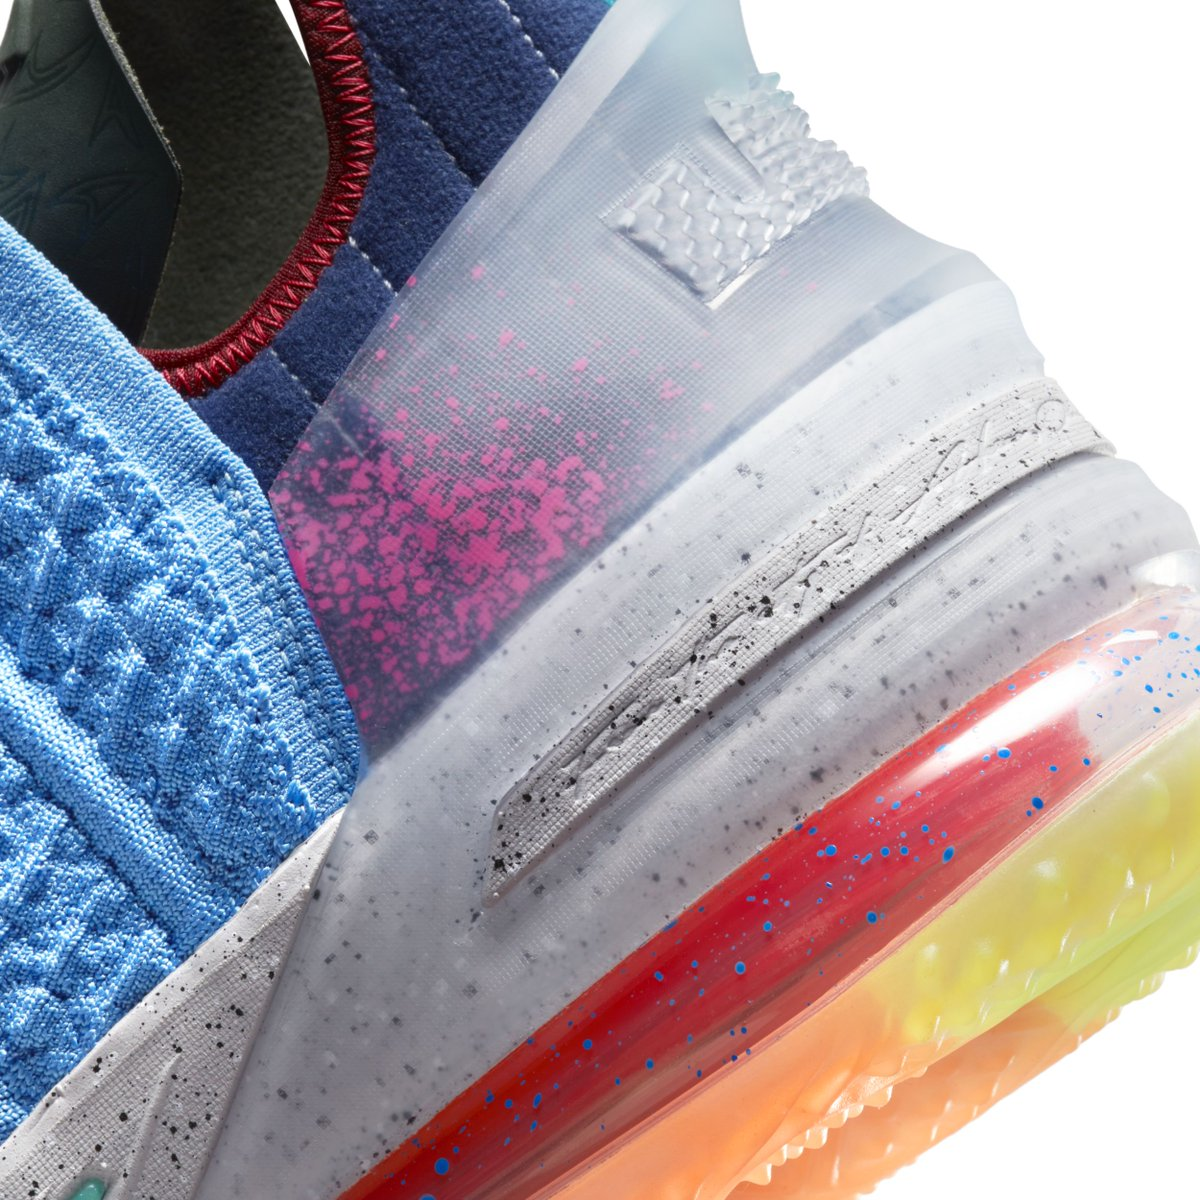 Nike,Lebron 18  南海岸 + 糖果外底!高颜值 Lebron 18 实物图曝光!